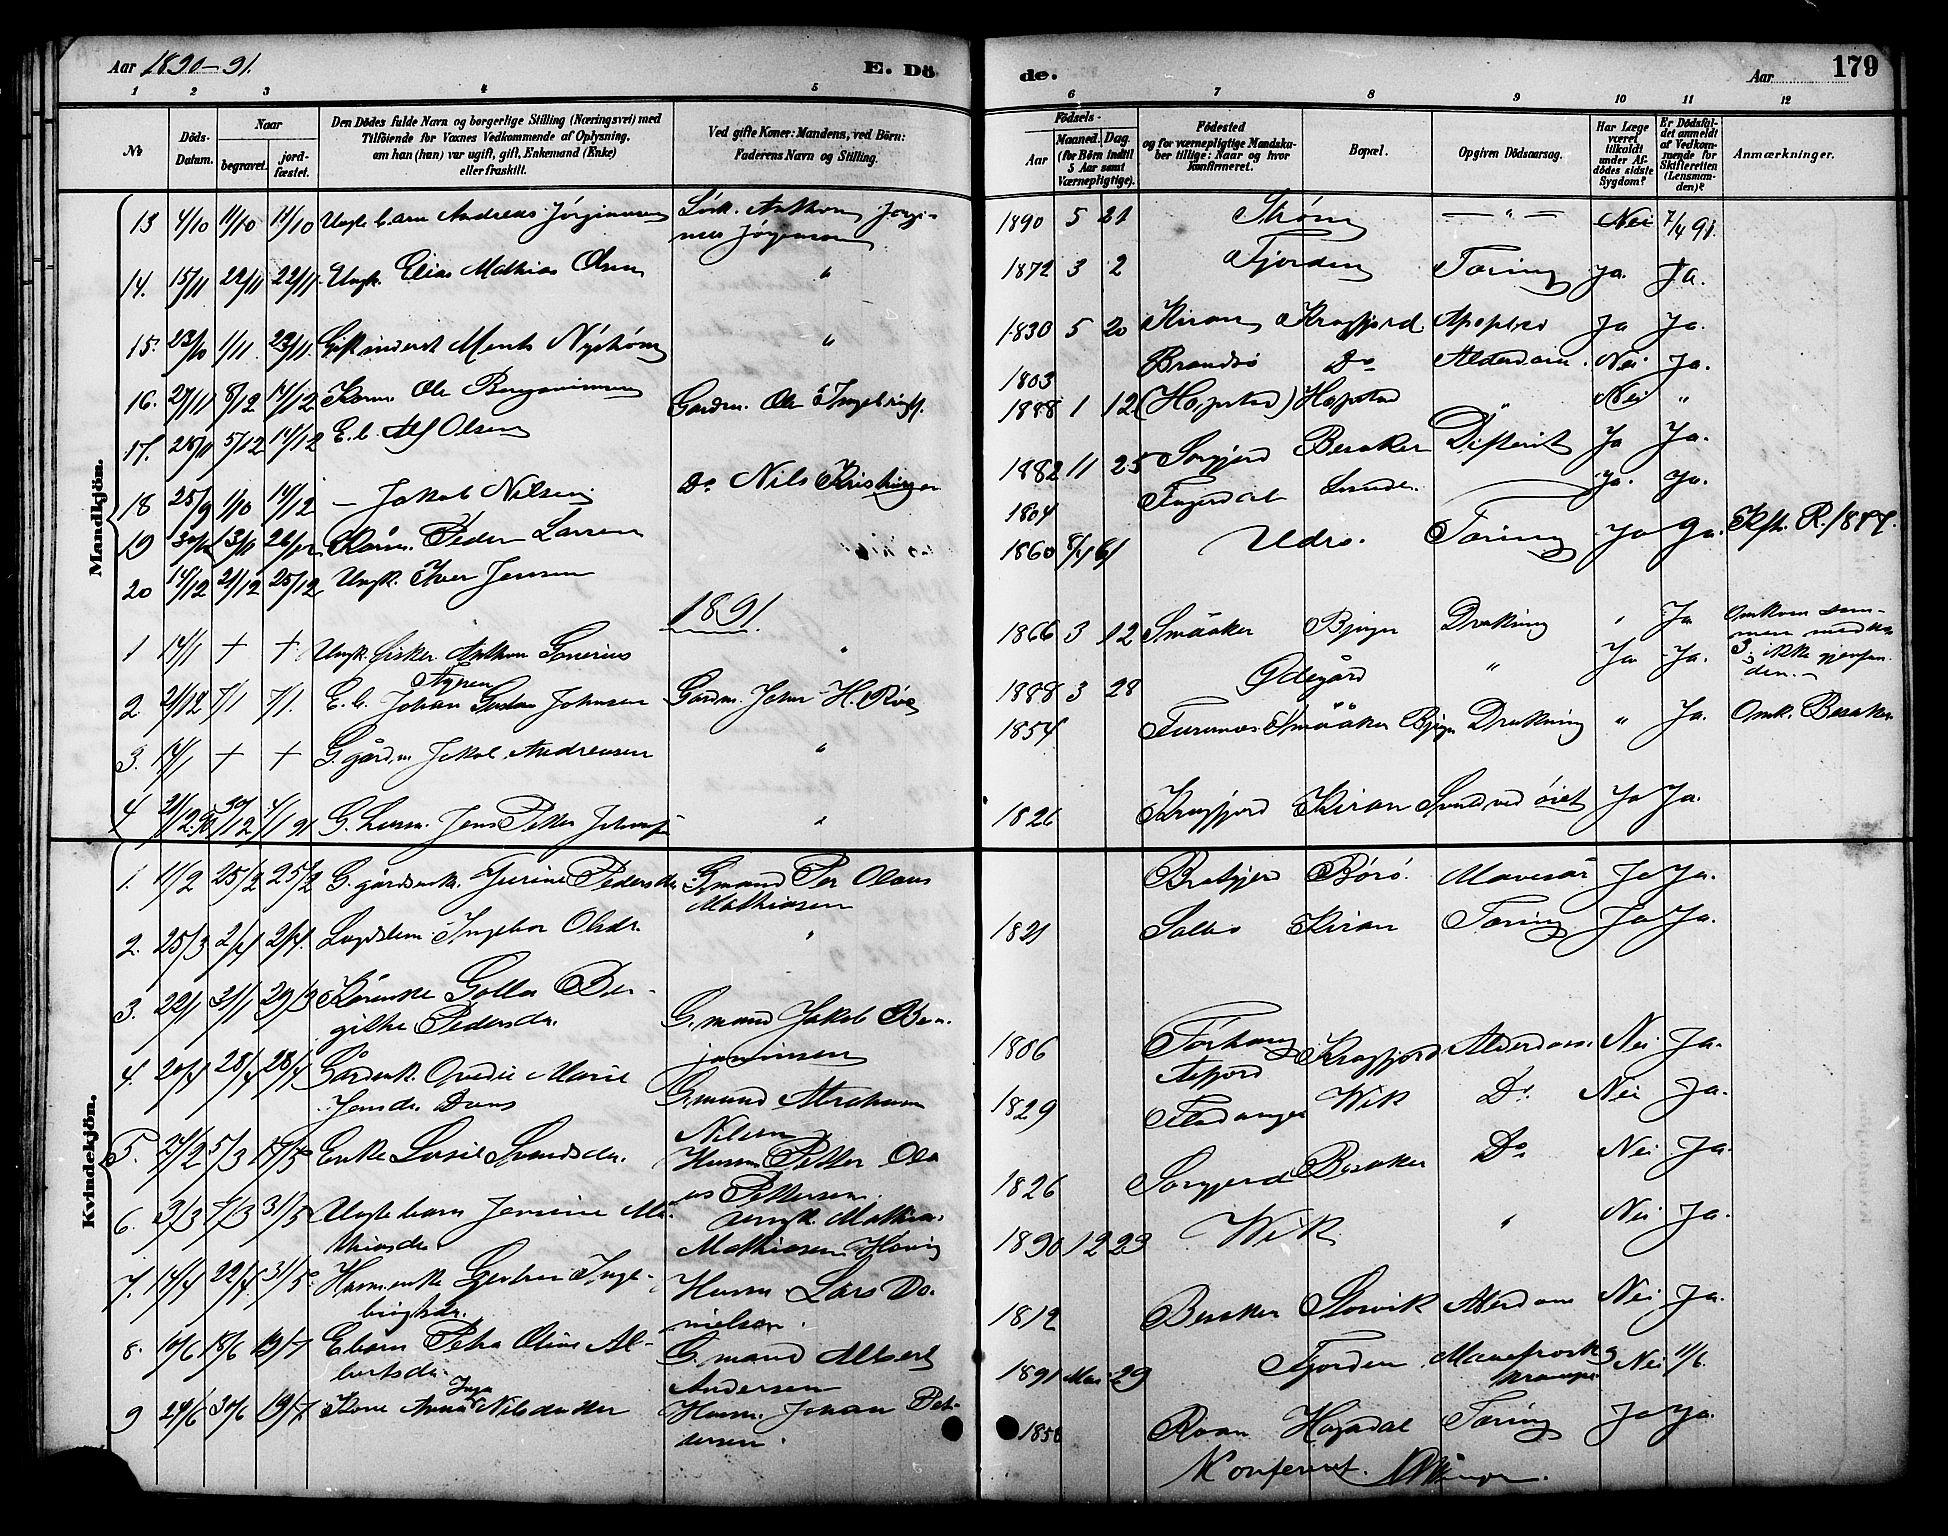 SAT, Ministerialprotokoller, klokkerbøker og fødselsregistre - Sør-Trøndelag, 657/L0716: Klokkerbok nr. 657C03, 1889-1904, s. 179